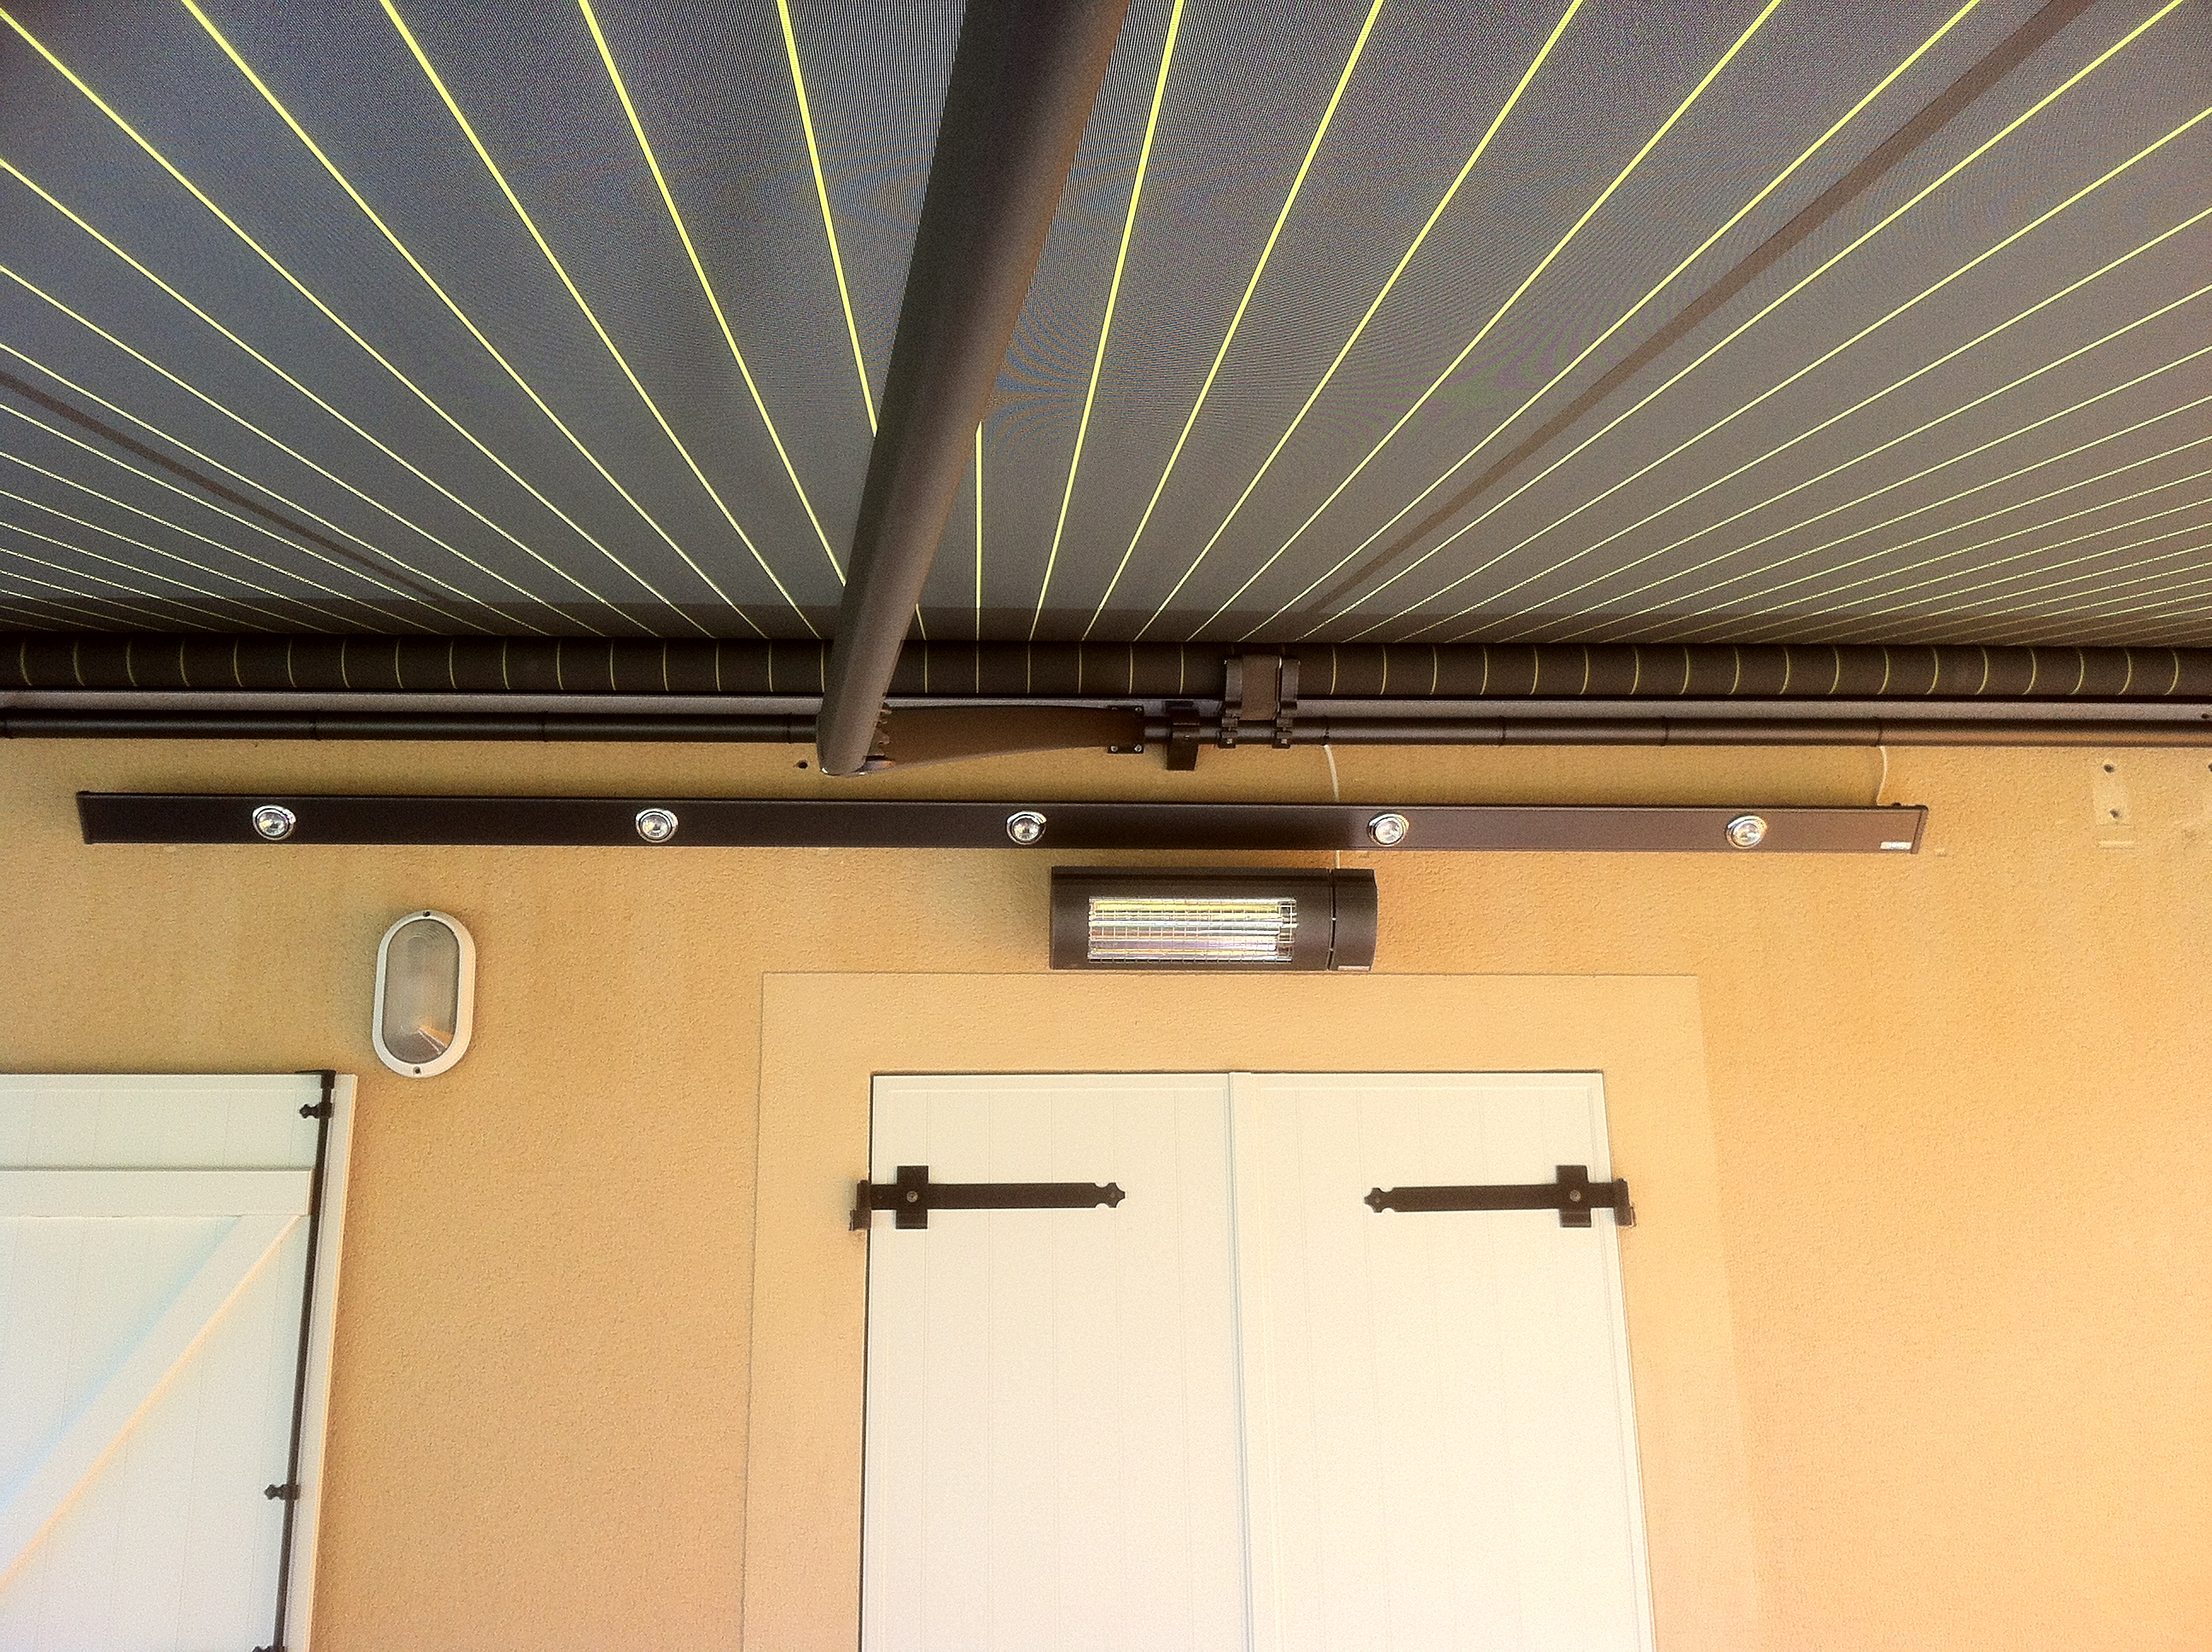 rampe lumière + chauffage